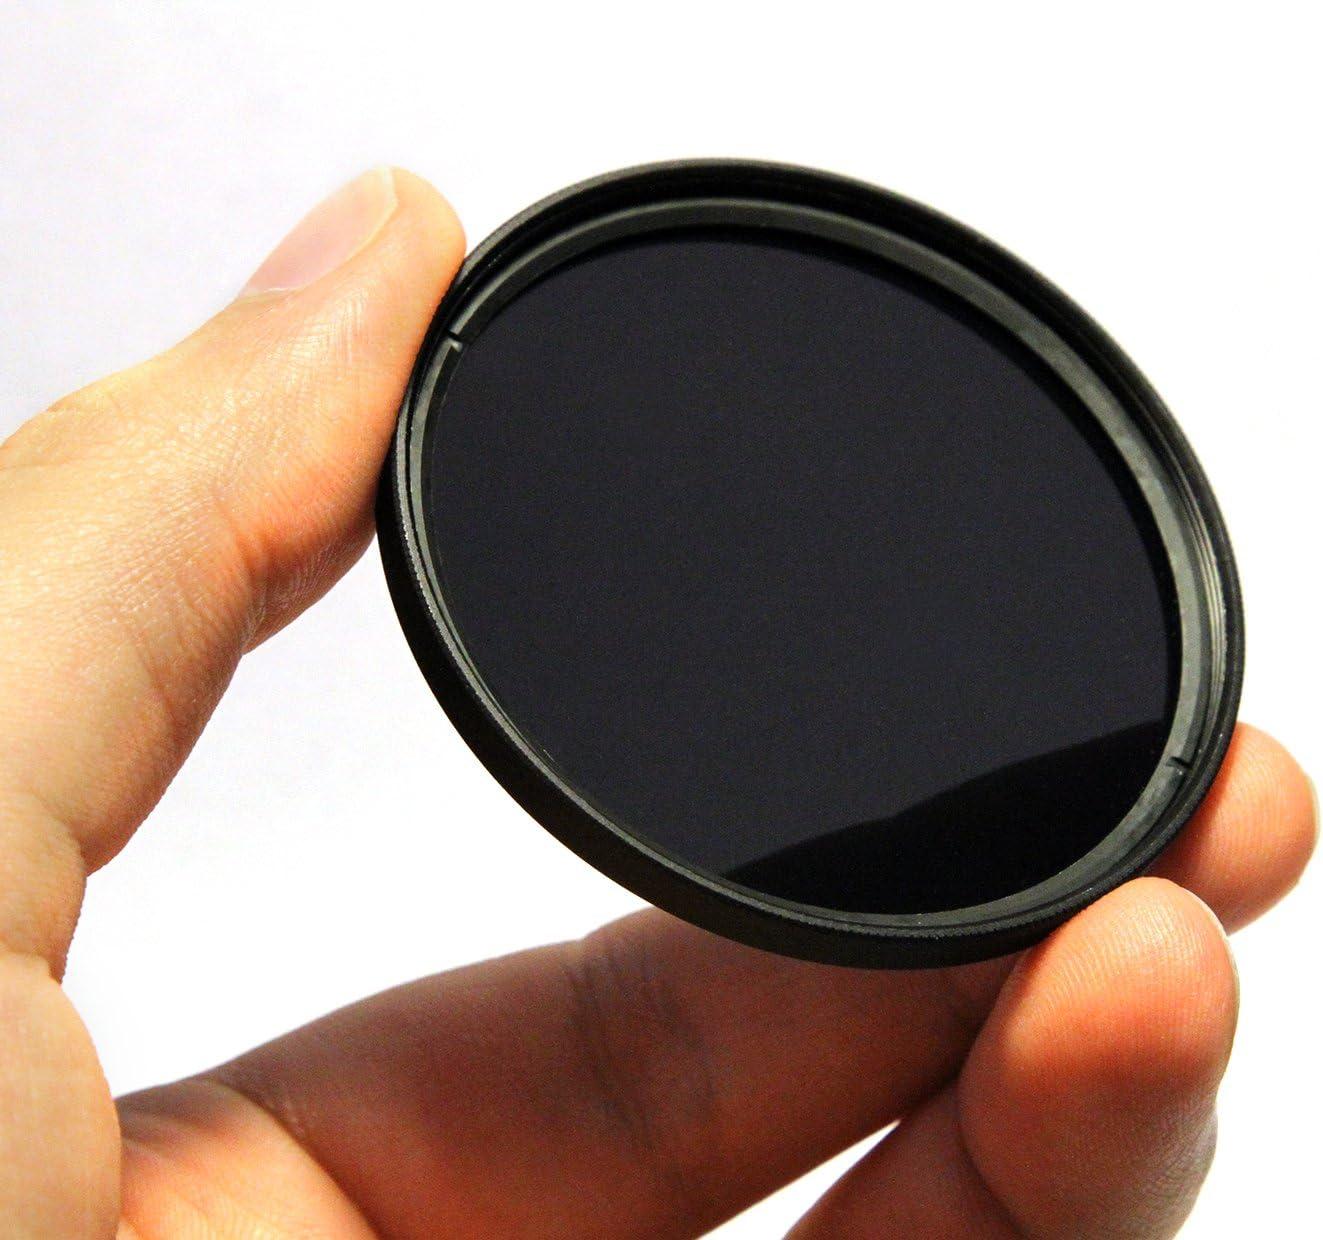 depot ND8 ND Neutral 40% OFF Cheap Sale Density Motion Blur for Shutter Pana Filter Speed